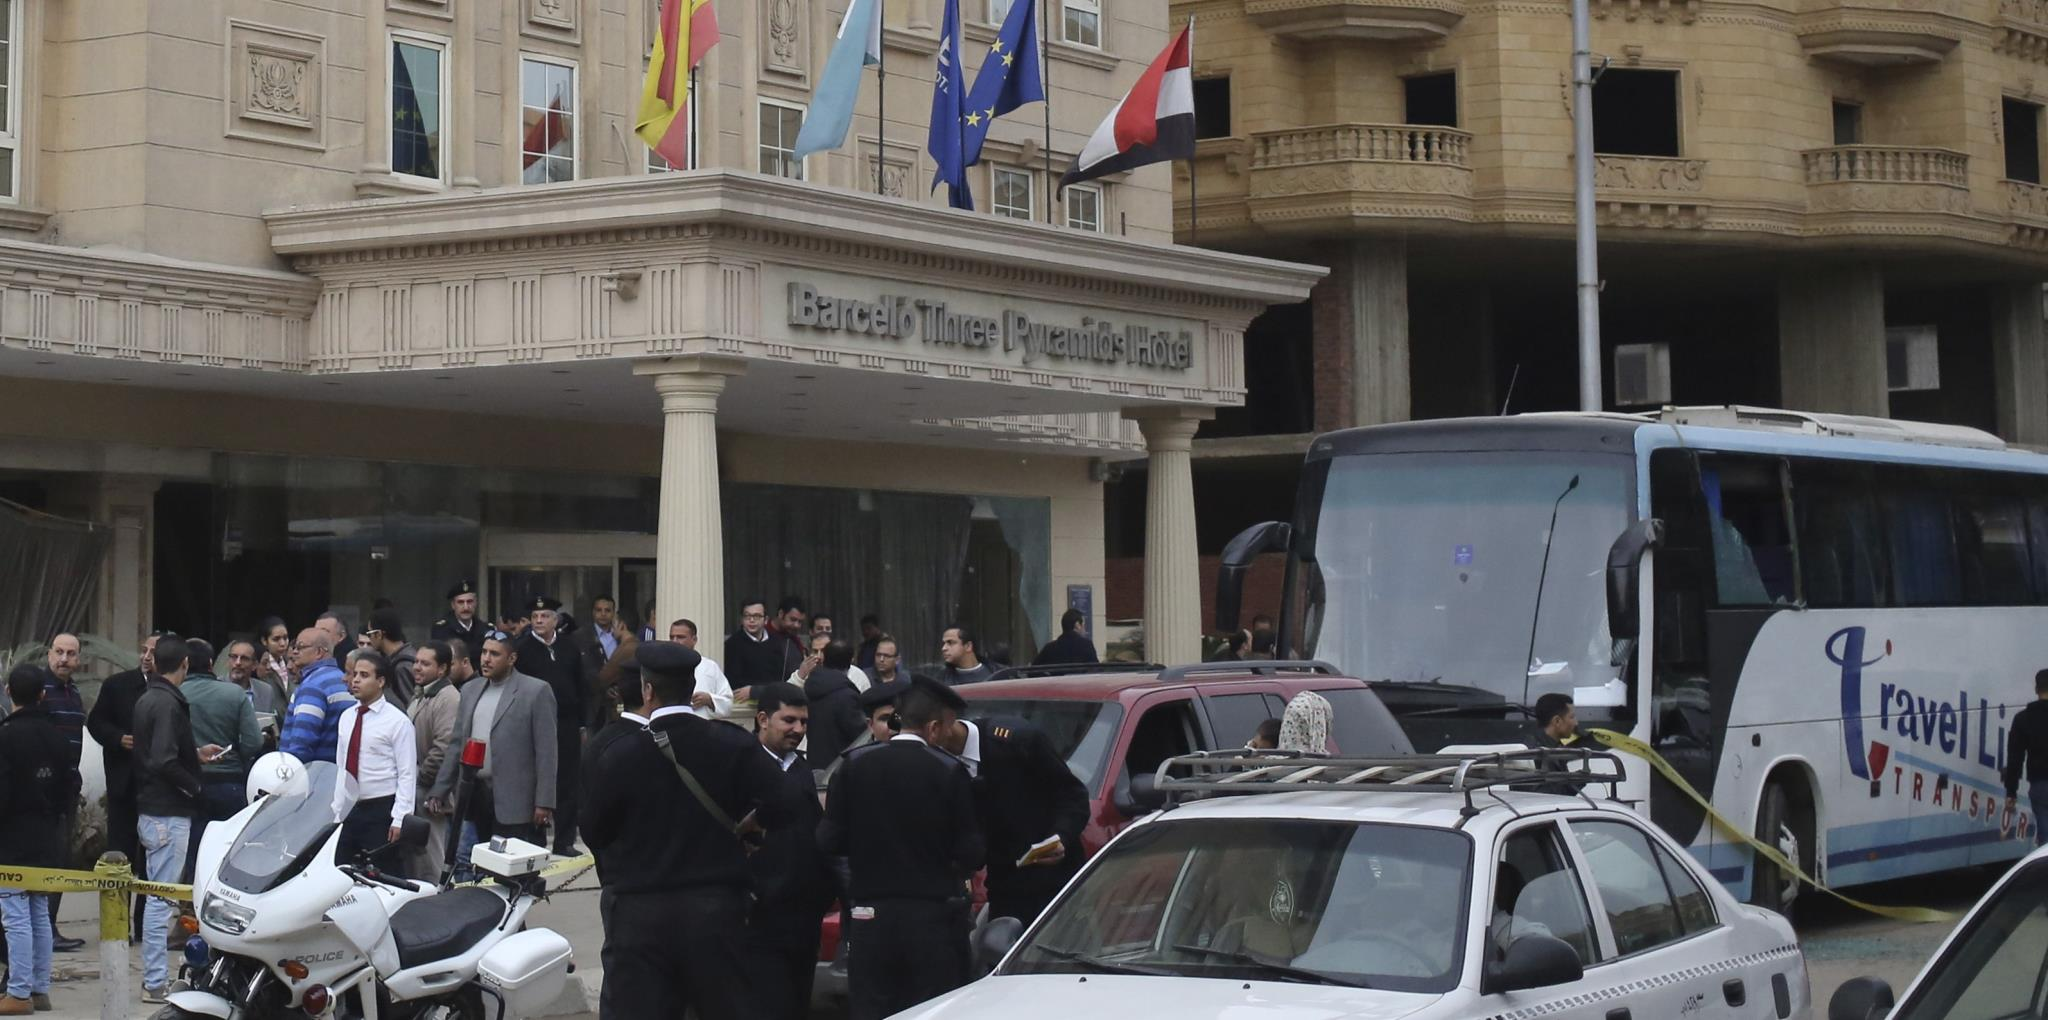 Hombres armados atacan en Egipto, El Cairo, un autobús junto al hotel Barceló